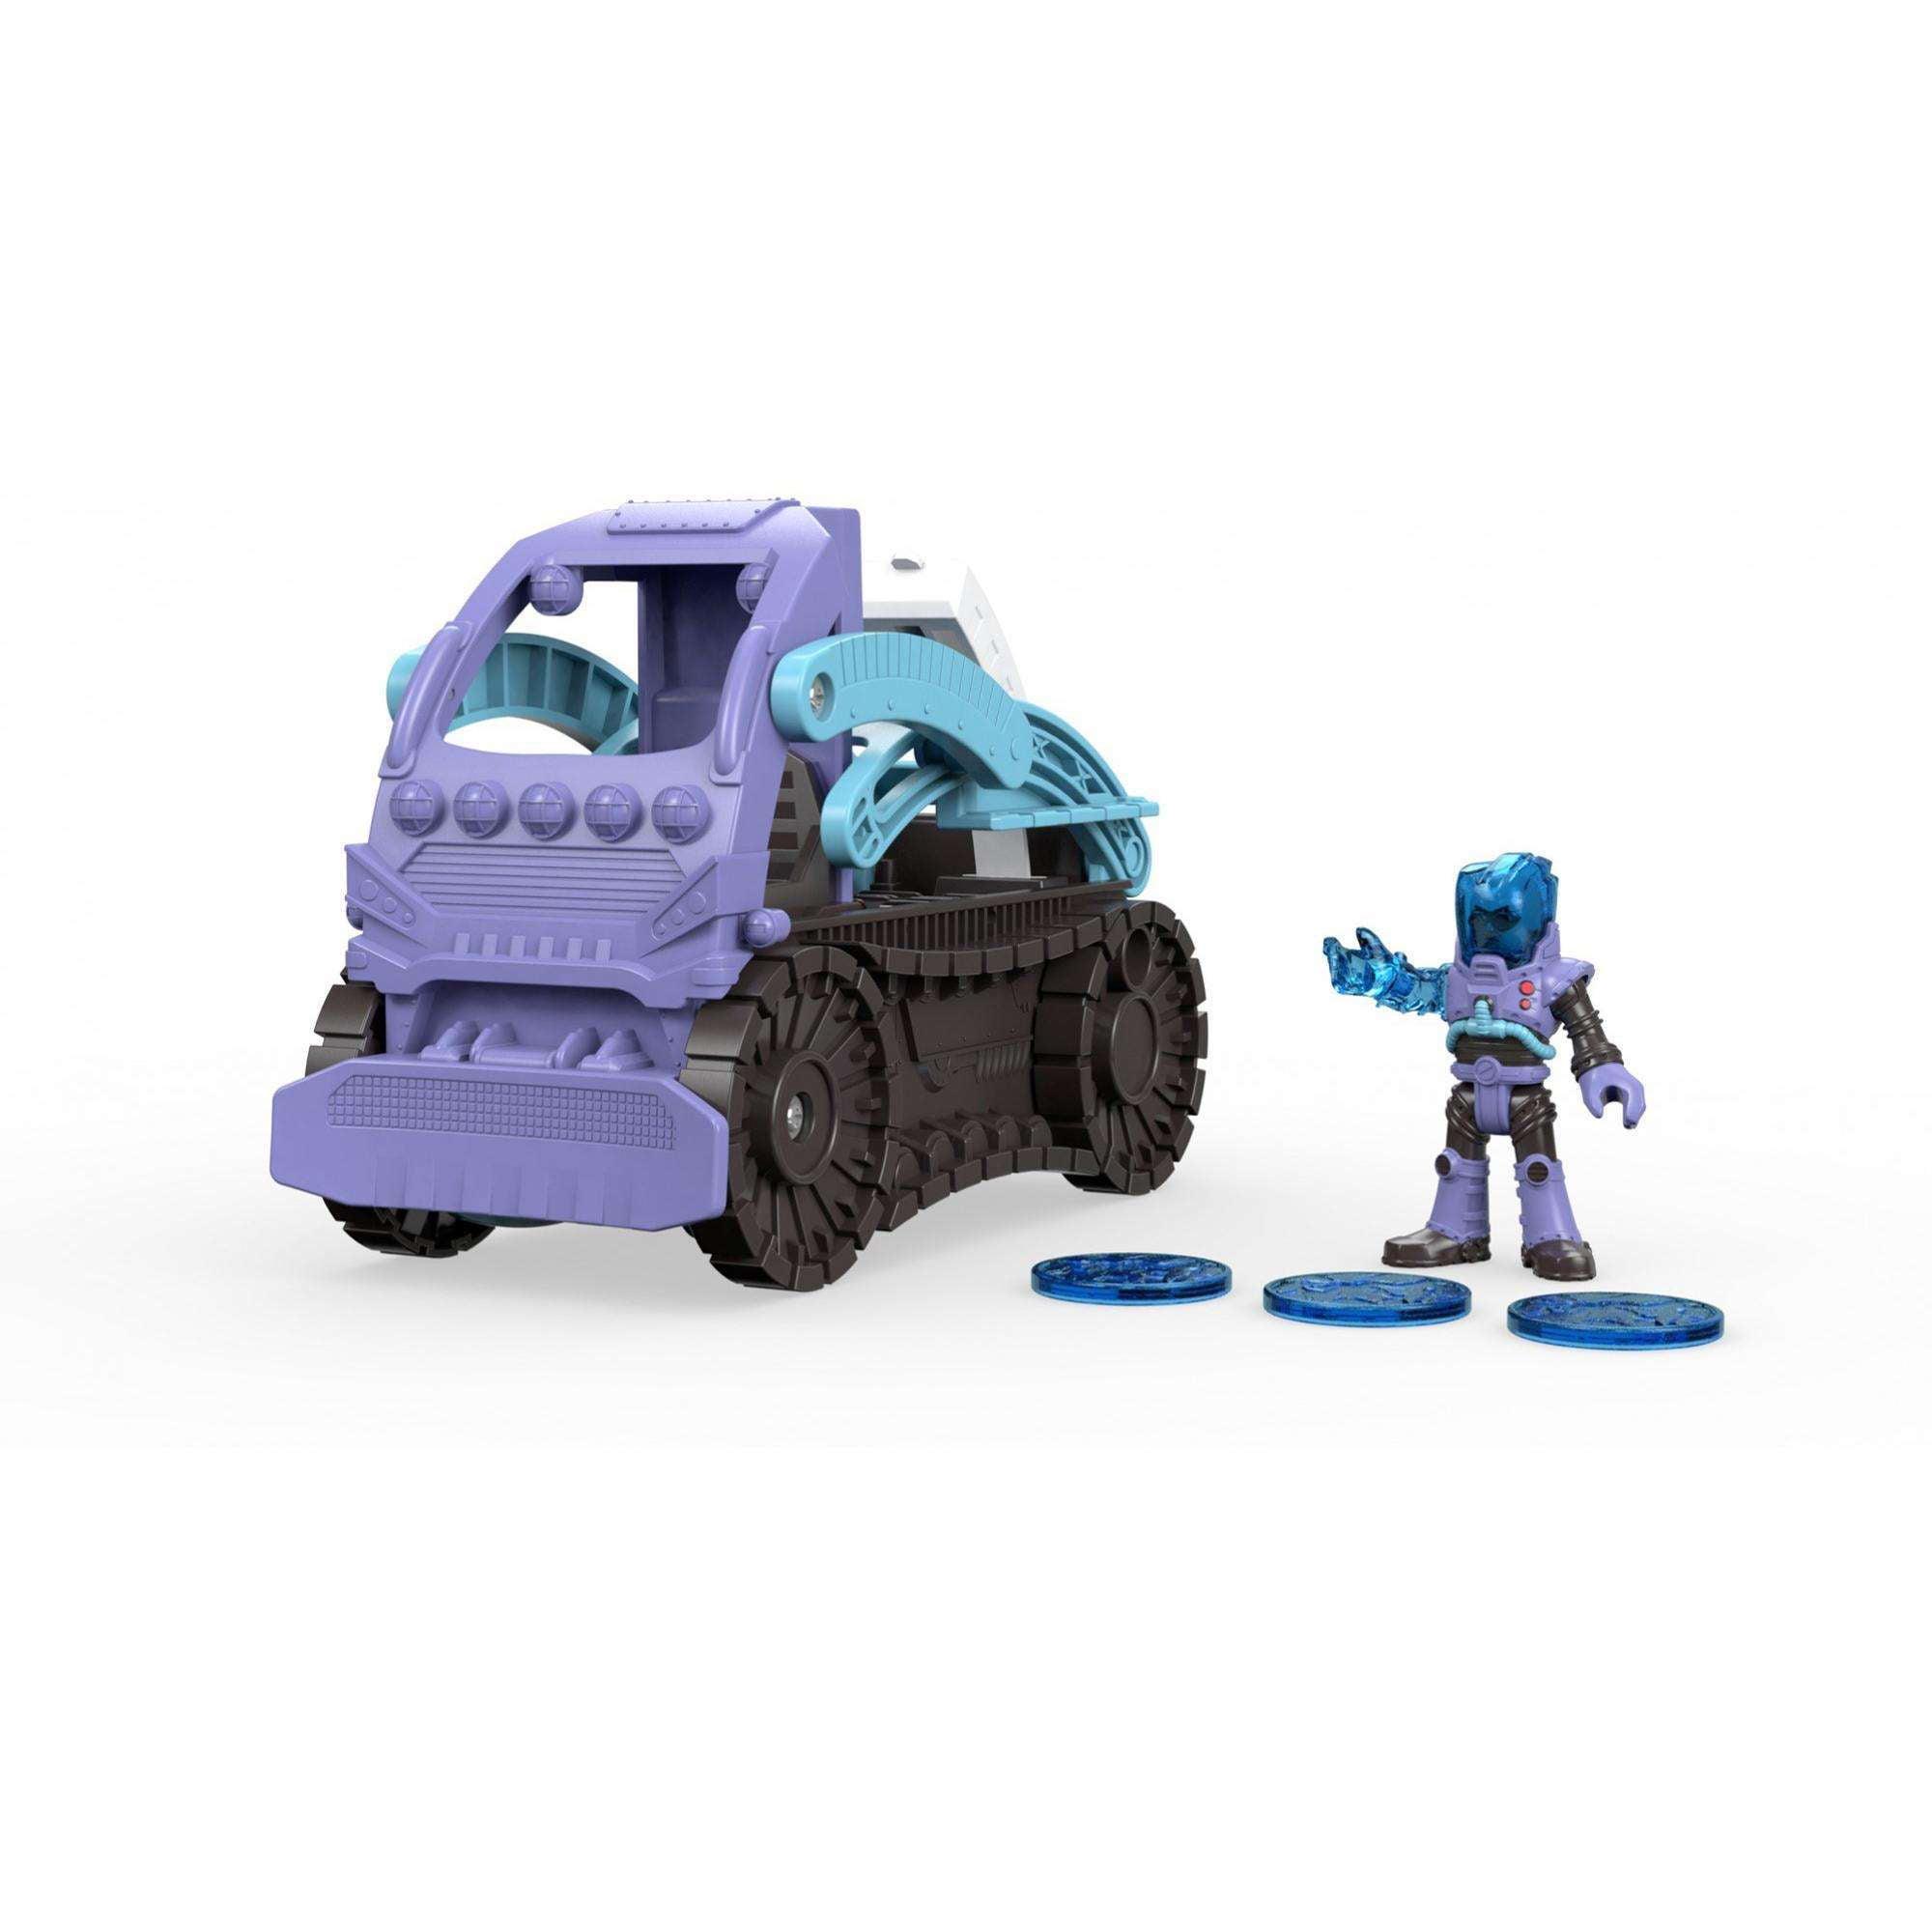 Imaginext DC Super Friends Mr. Freeze Snowcat